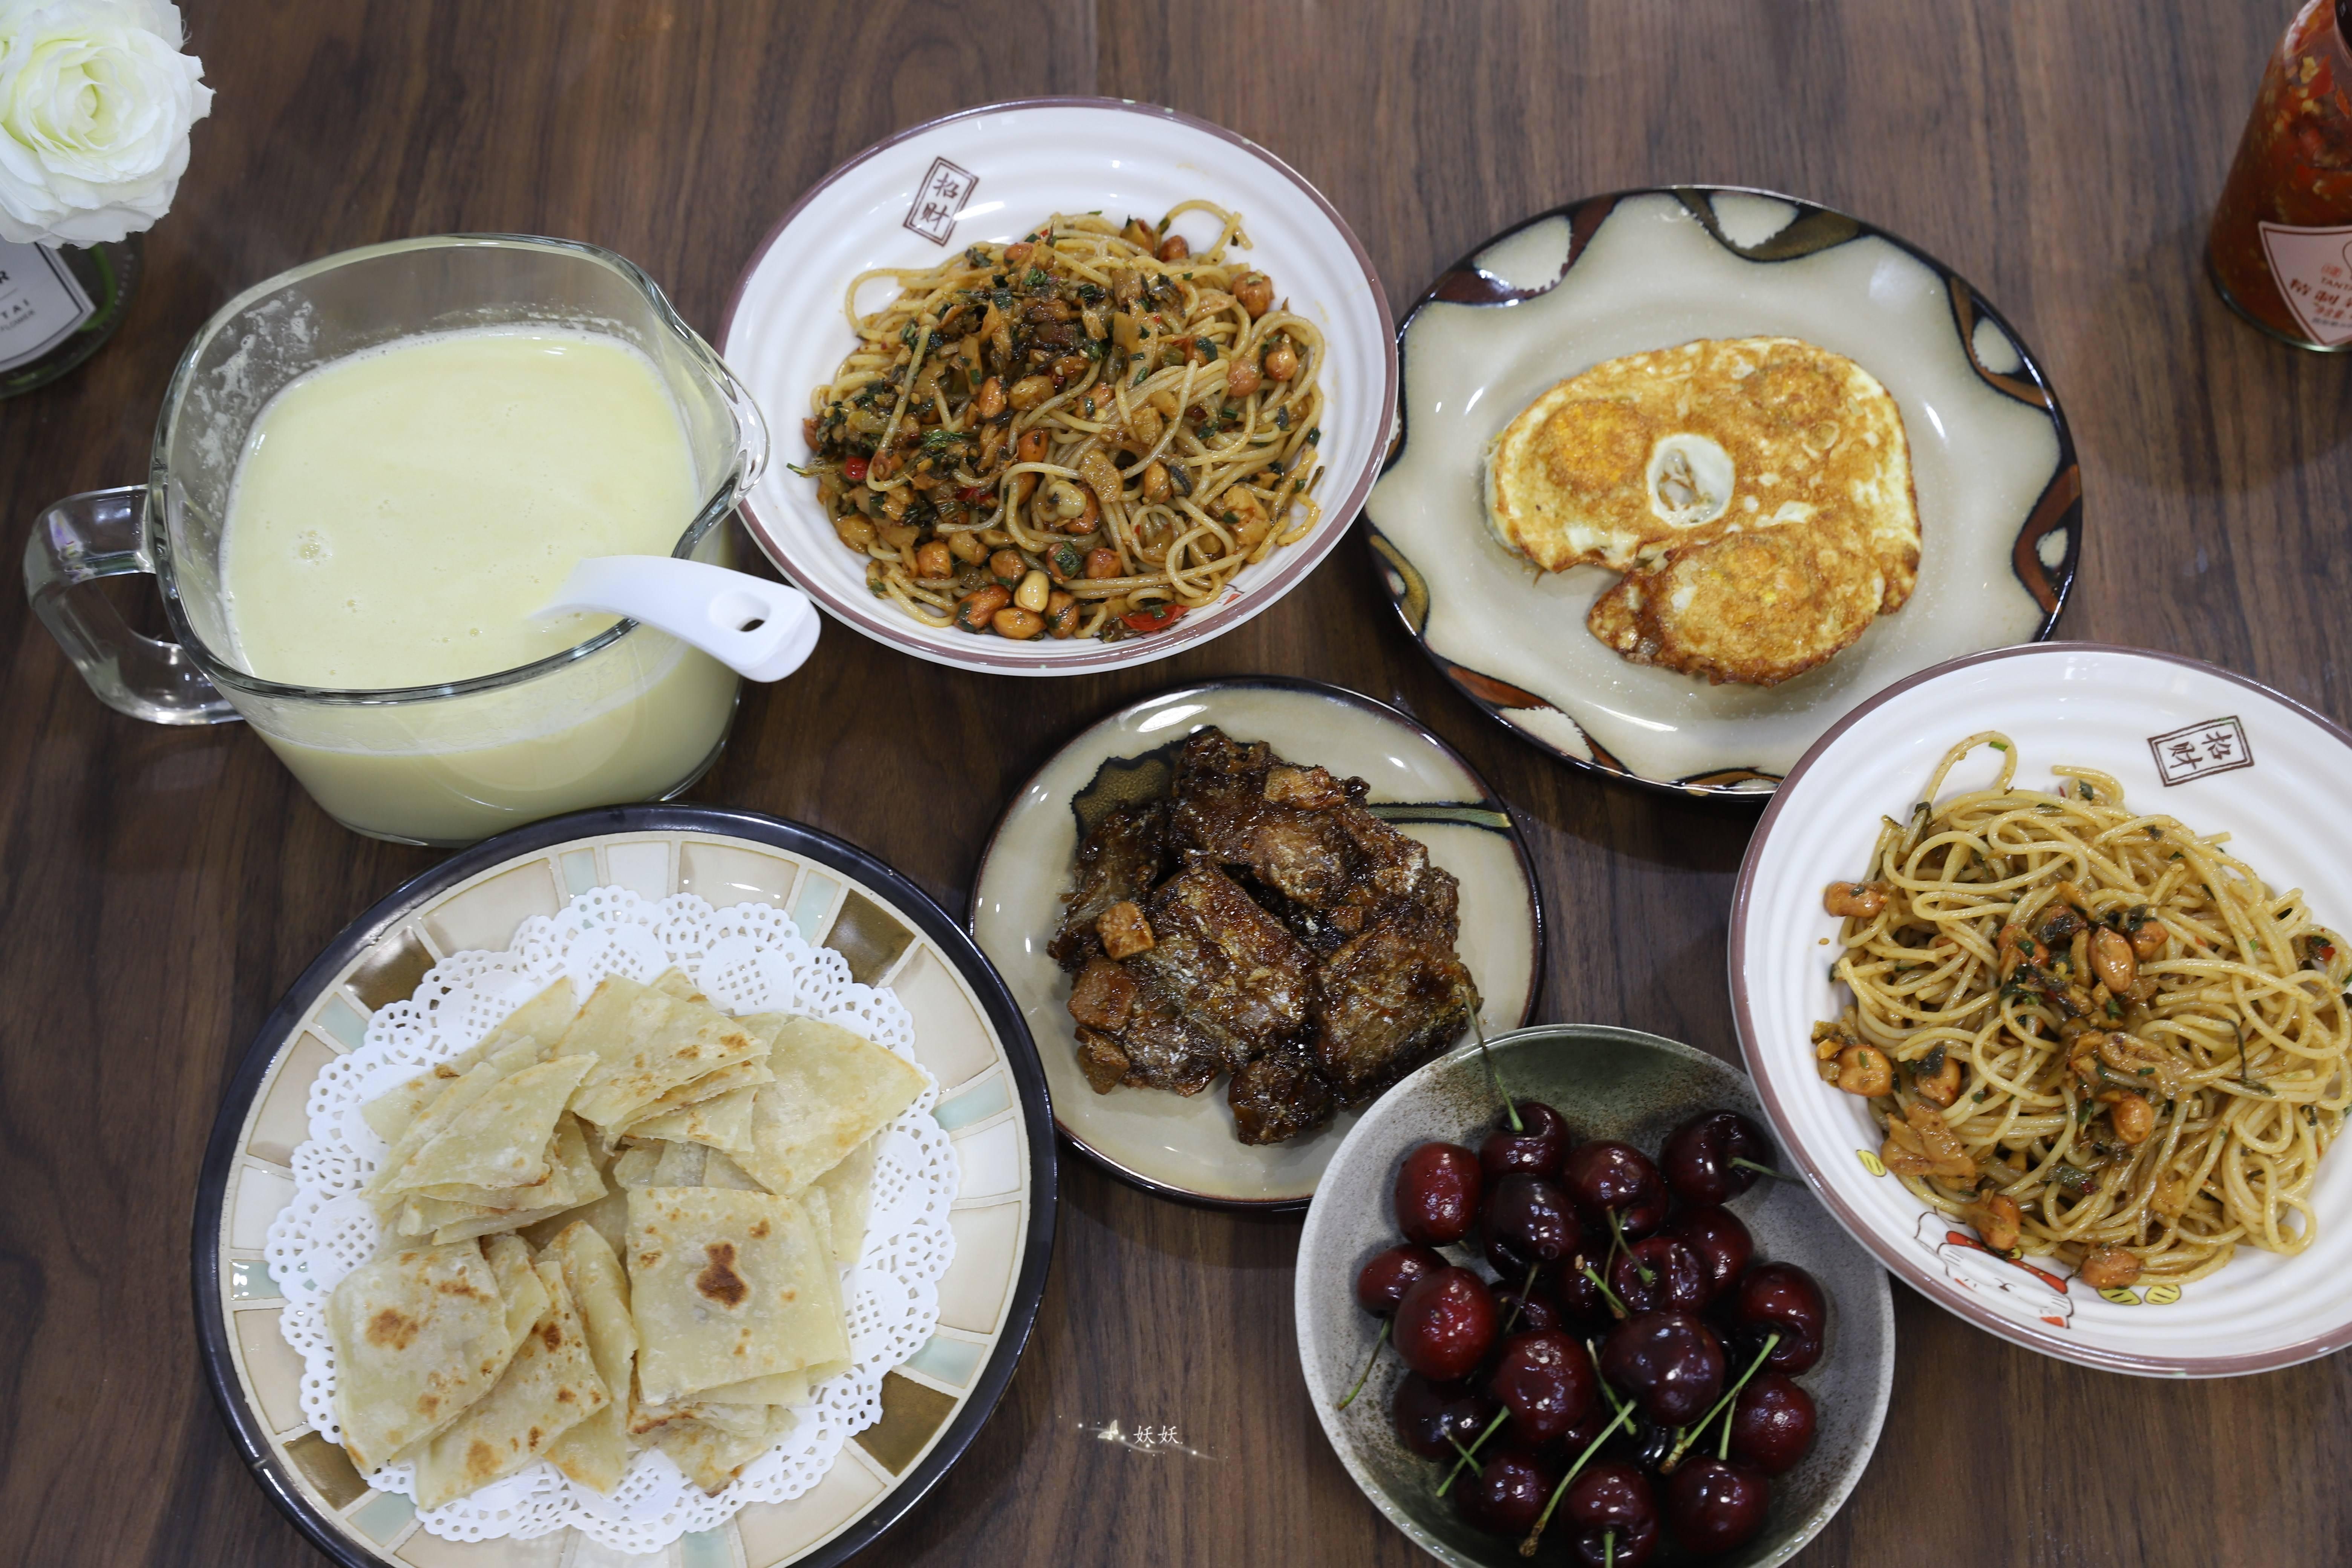 无需早起,给家人做个快手早餐,丰盛可口,20分钟上桌